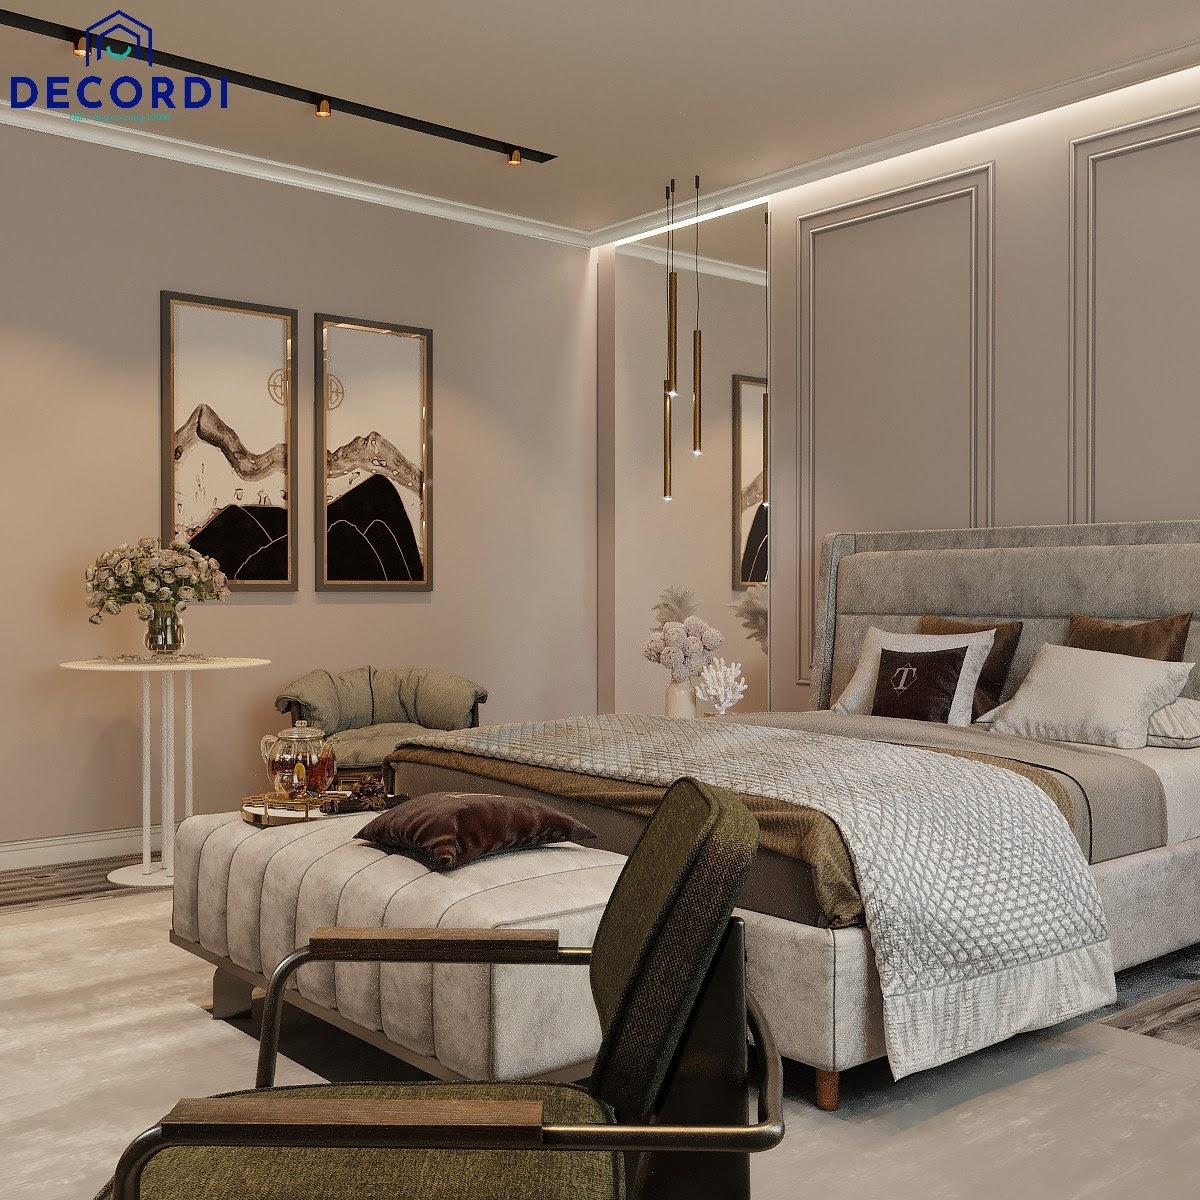 Phòng ngủ trở nên nhẹ nhàng thoải mái hơn nhờ sự tối giản nội thất trong thiết kế tân cổ điển